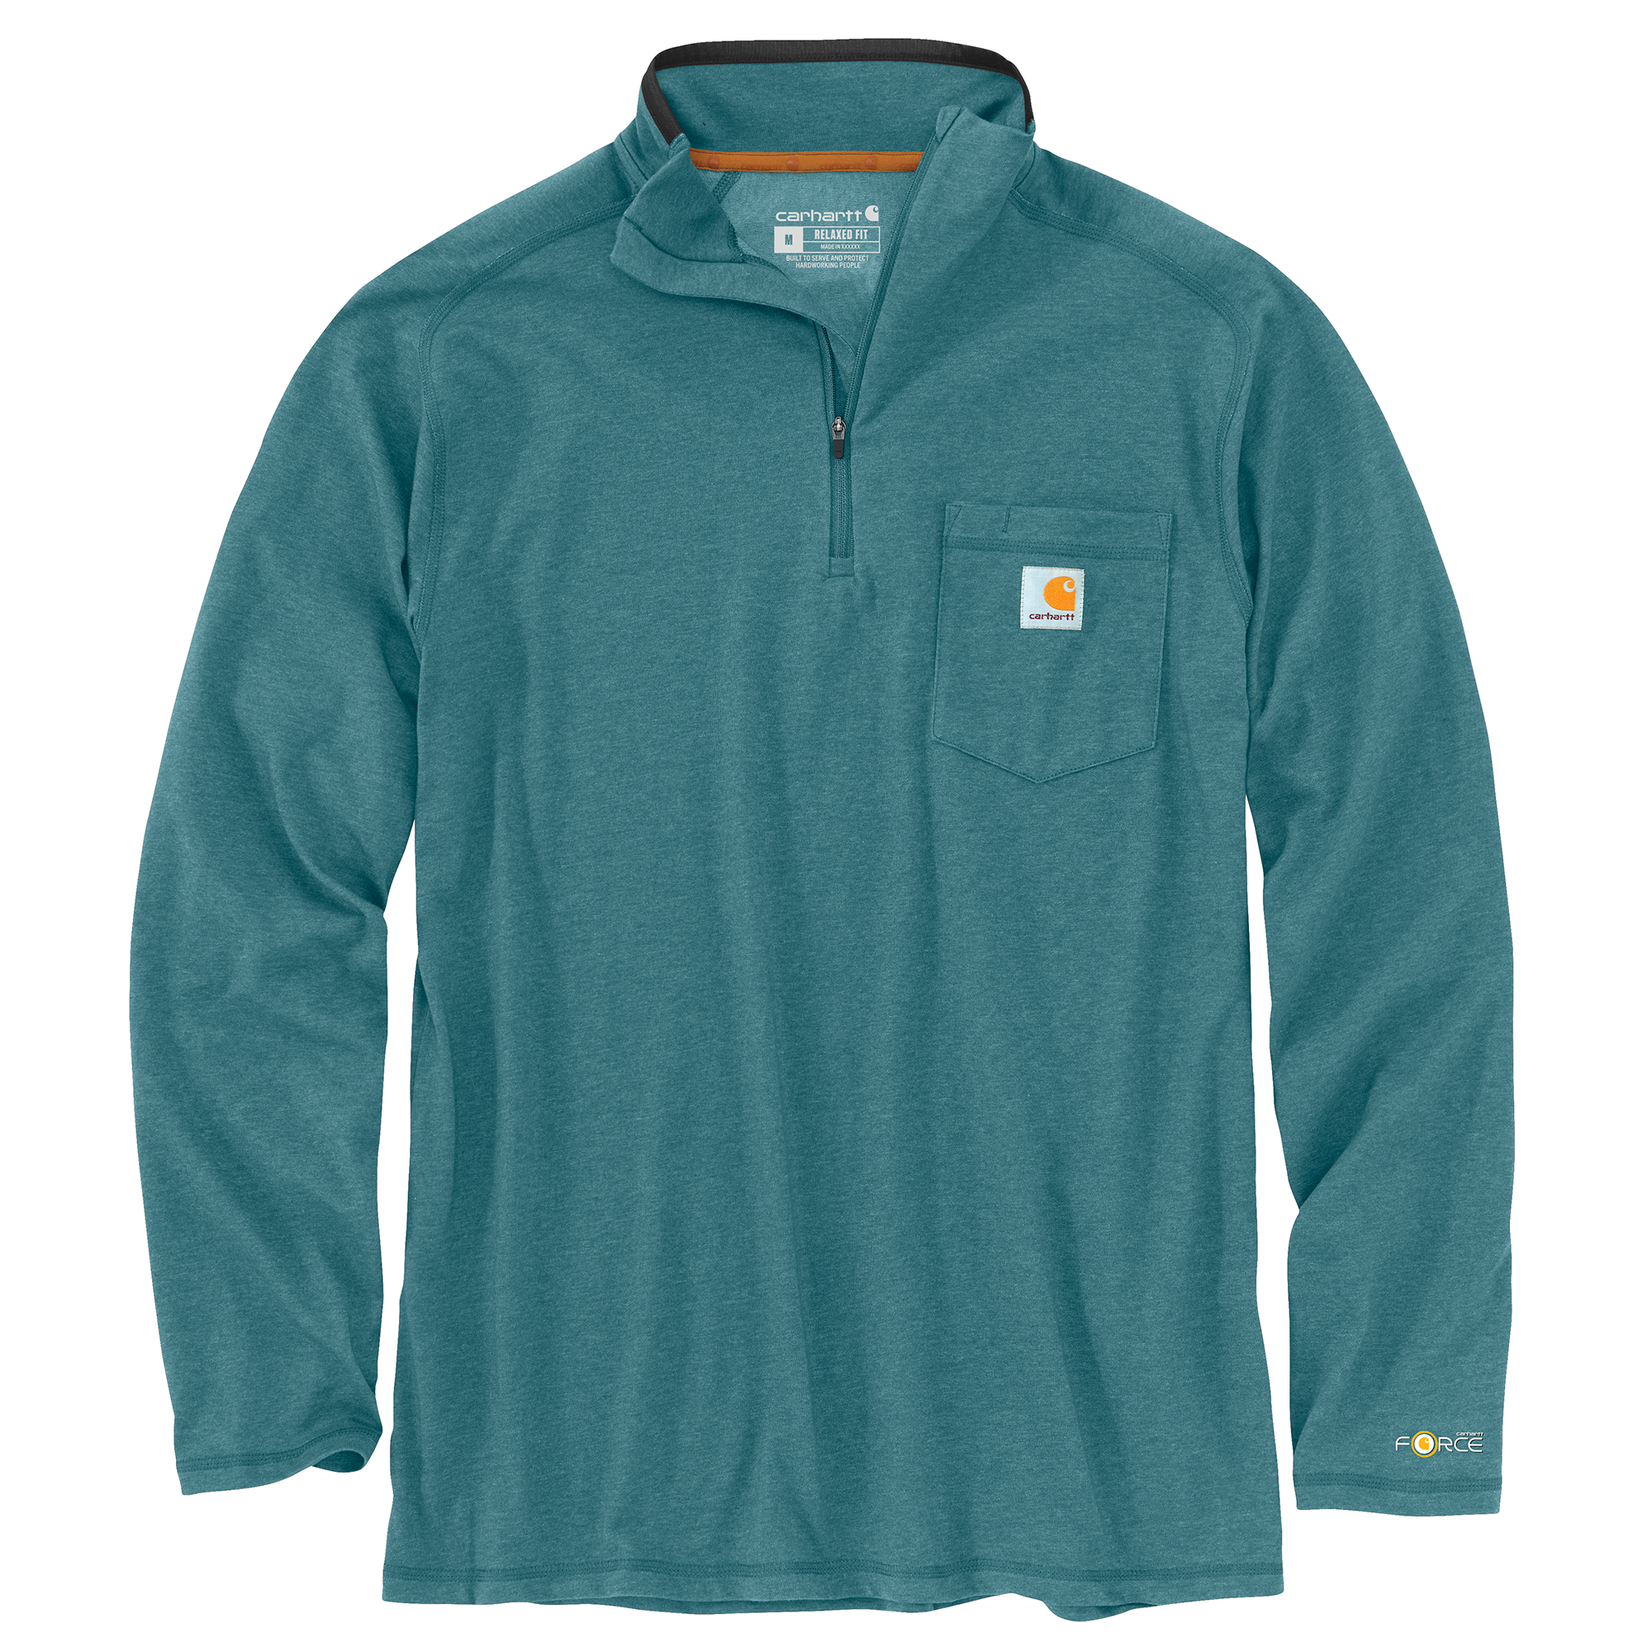 Carhartt Carhartt 104255 Carhartt Quarter-Zip Long-Sleeve Tee - Blue Spruce